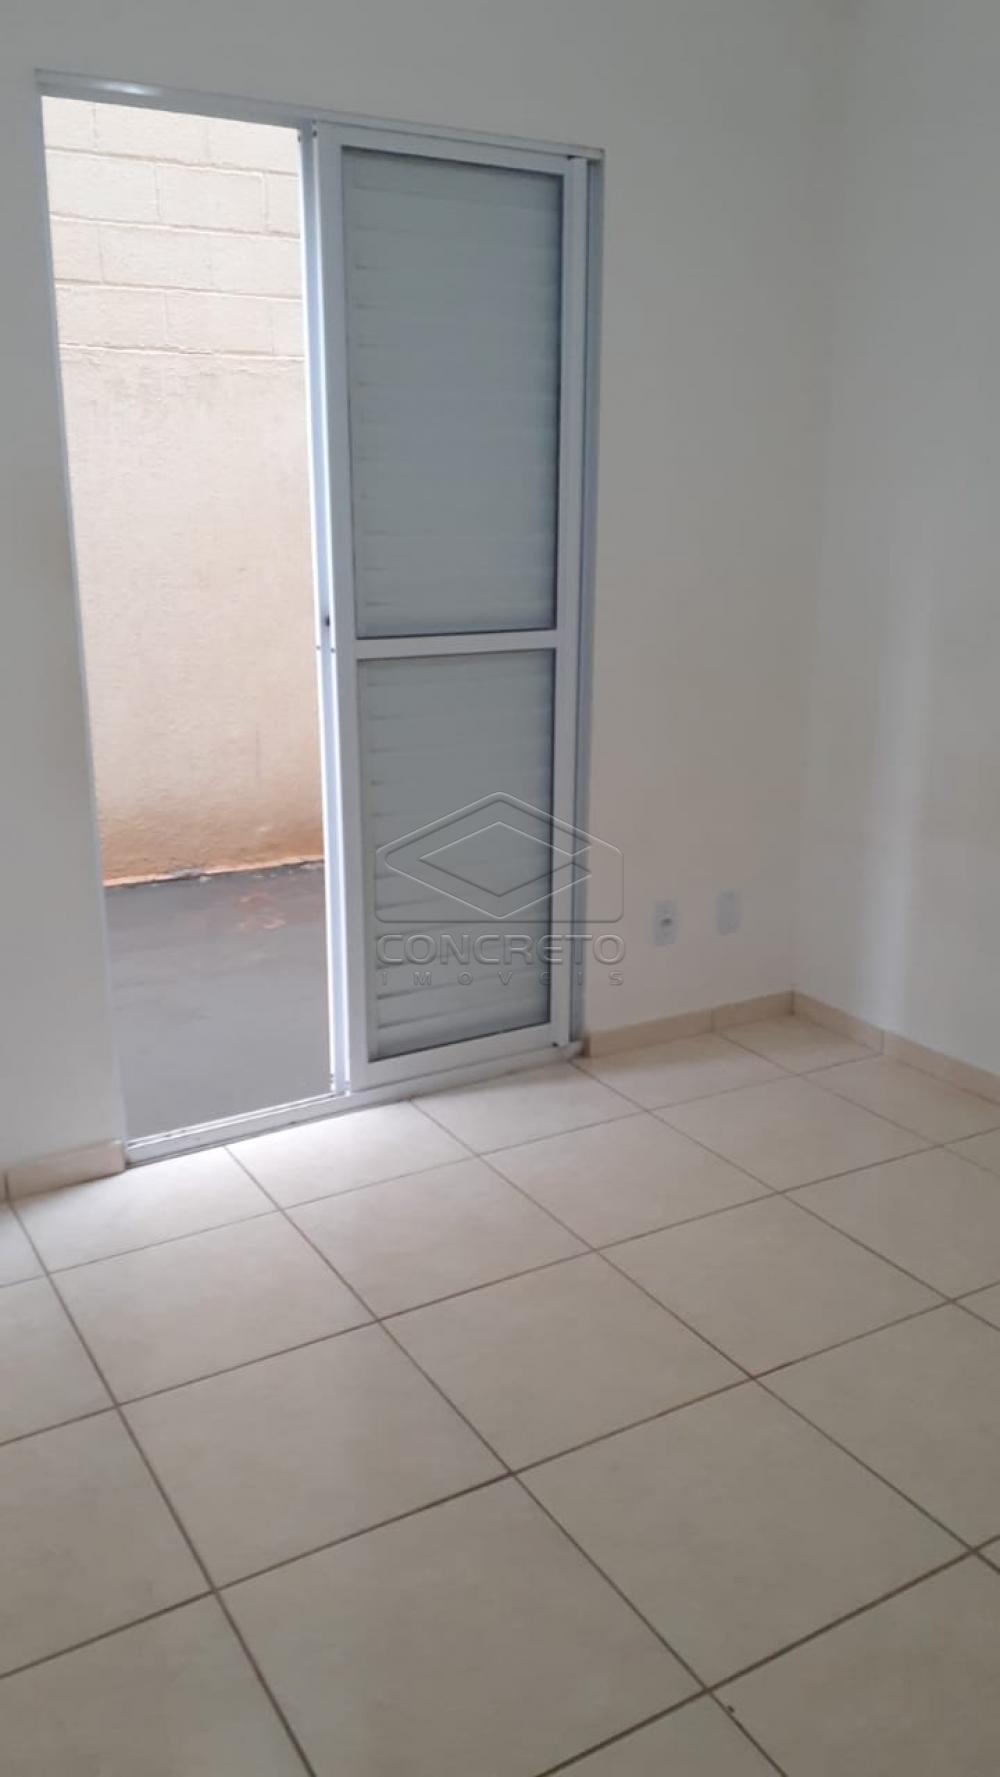 Alugar Apartamento / Padrão em Bauru R$ 790,00 - Foto 2